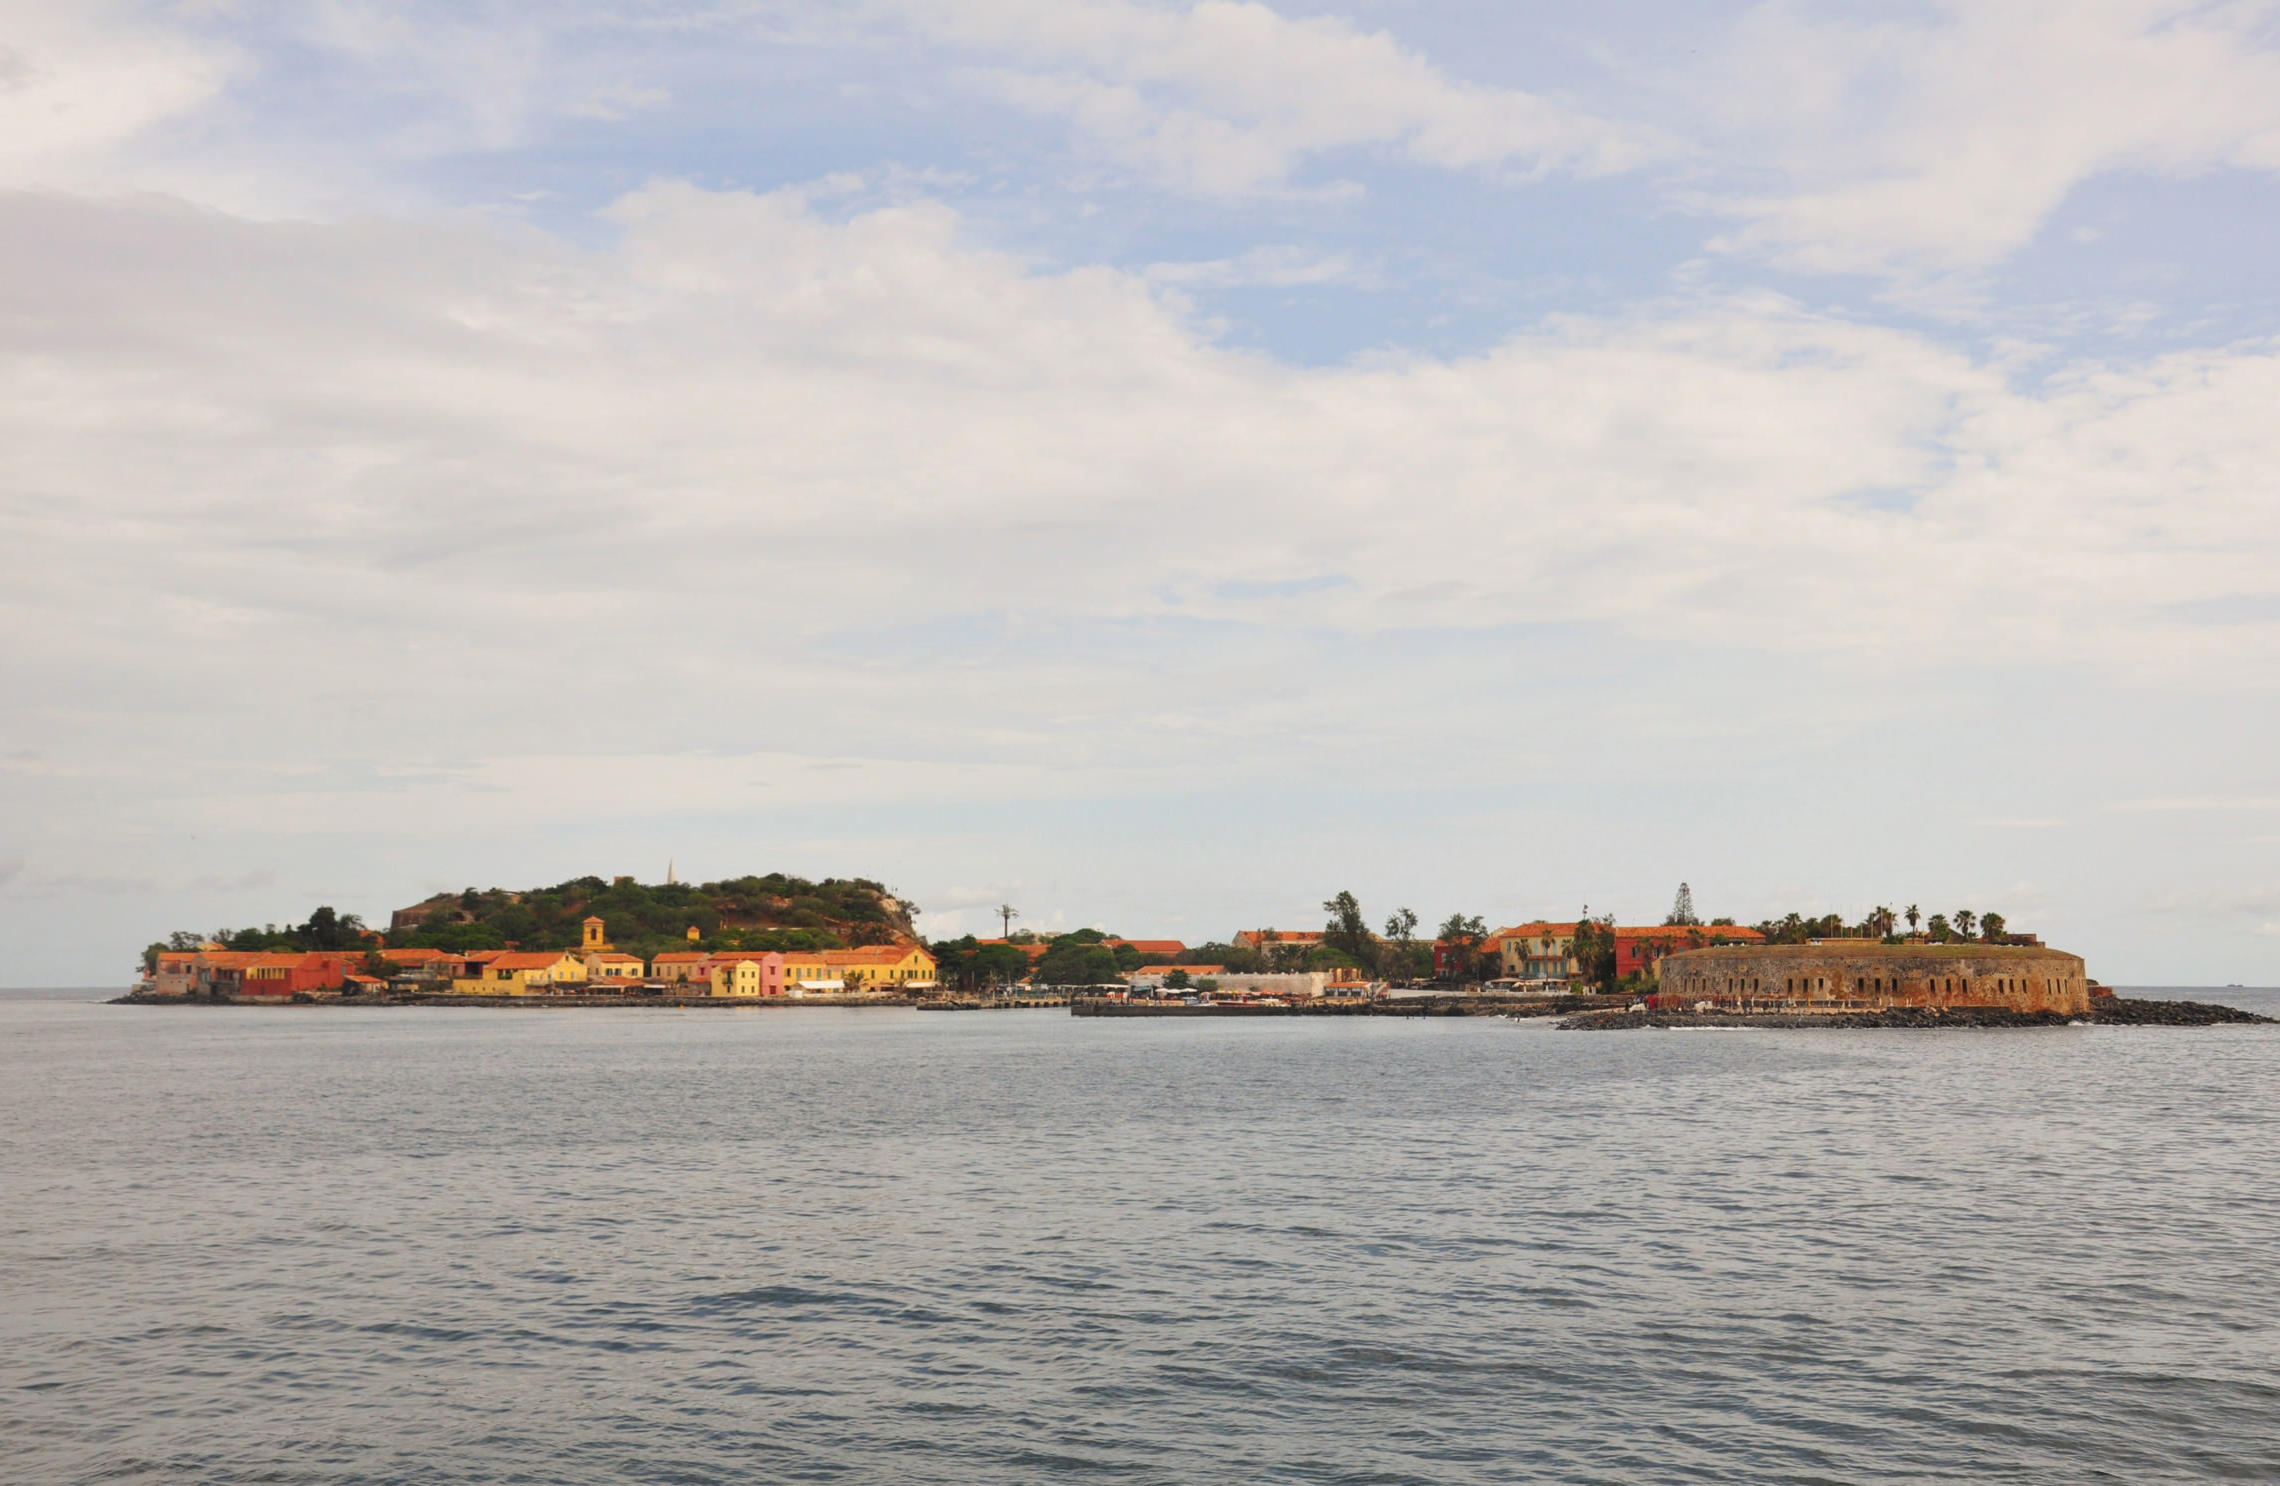 Sénégal, île de Gorée plan large